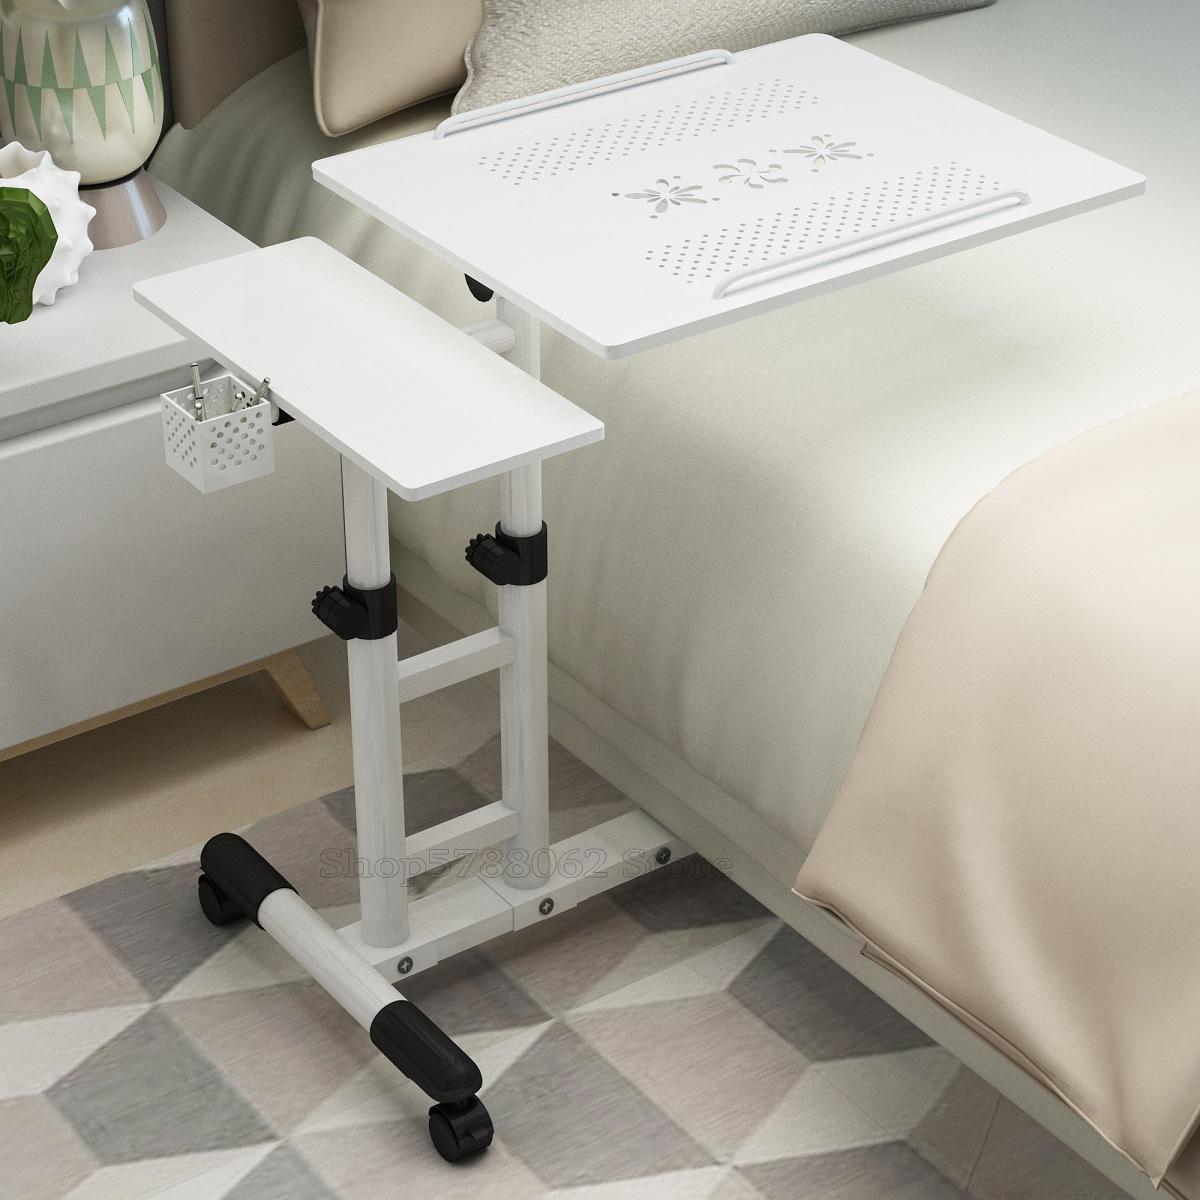 Бытовой ноутбук, кровать с простым ленивым прикроватным столиком, мобильный подъемный стол для офиса, бесплатная доставка